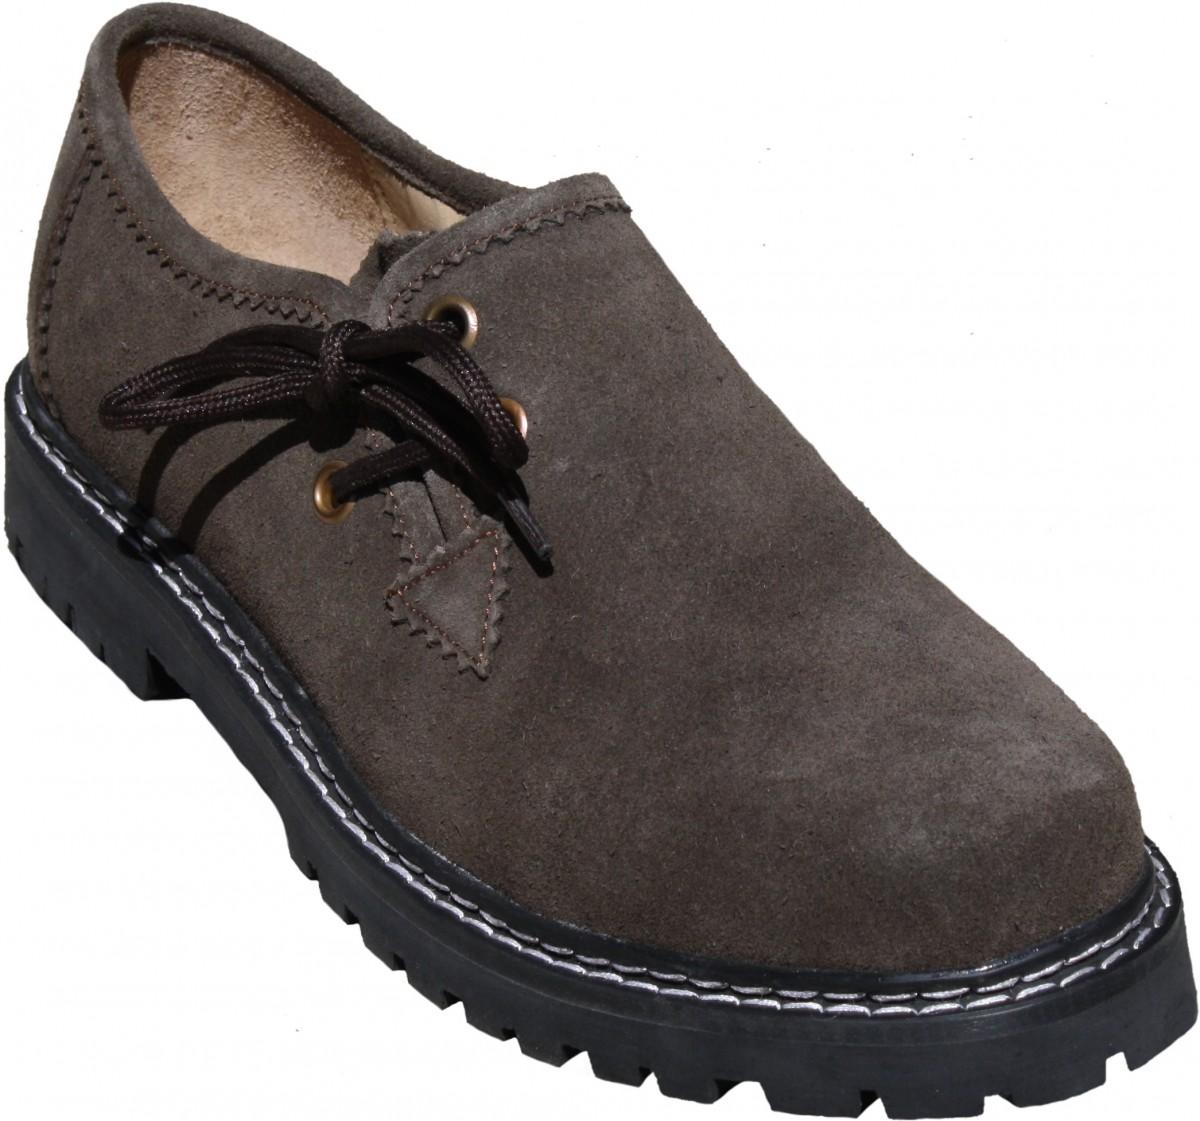 Trachtenschuhe Haferlschuhe Trachten Schuhe aus Echtleder Gummisohle